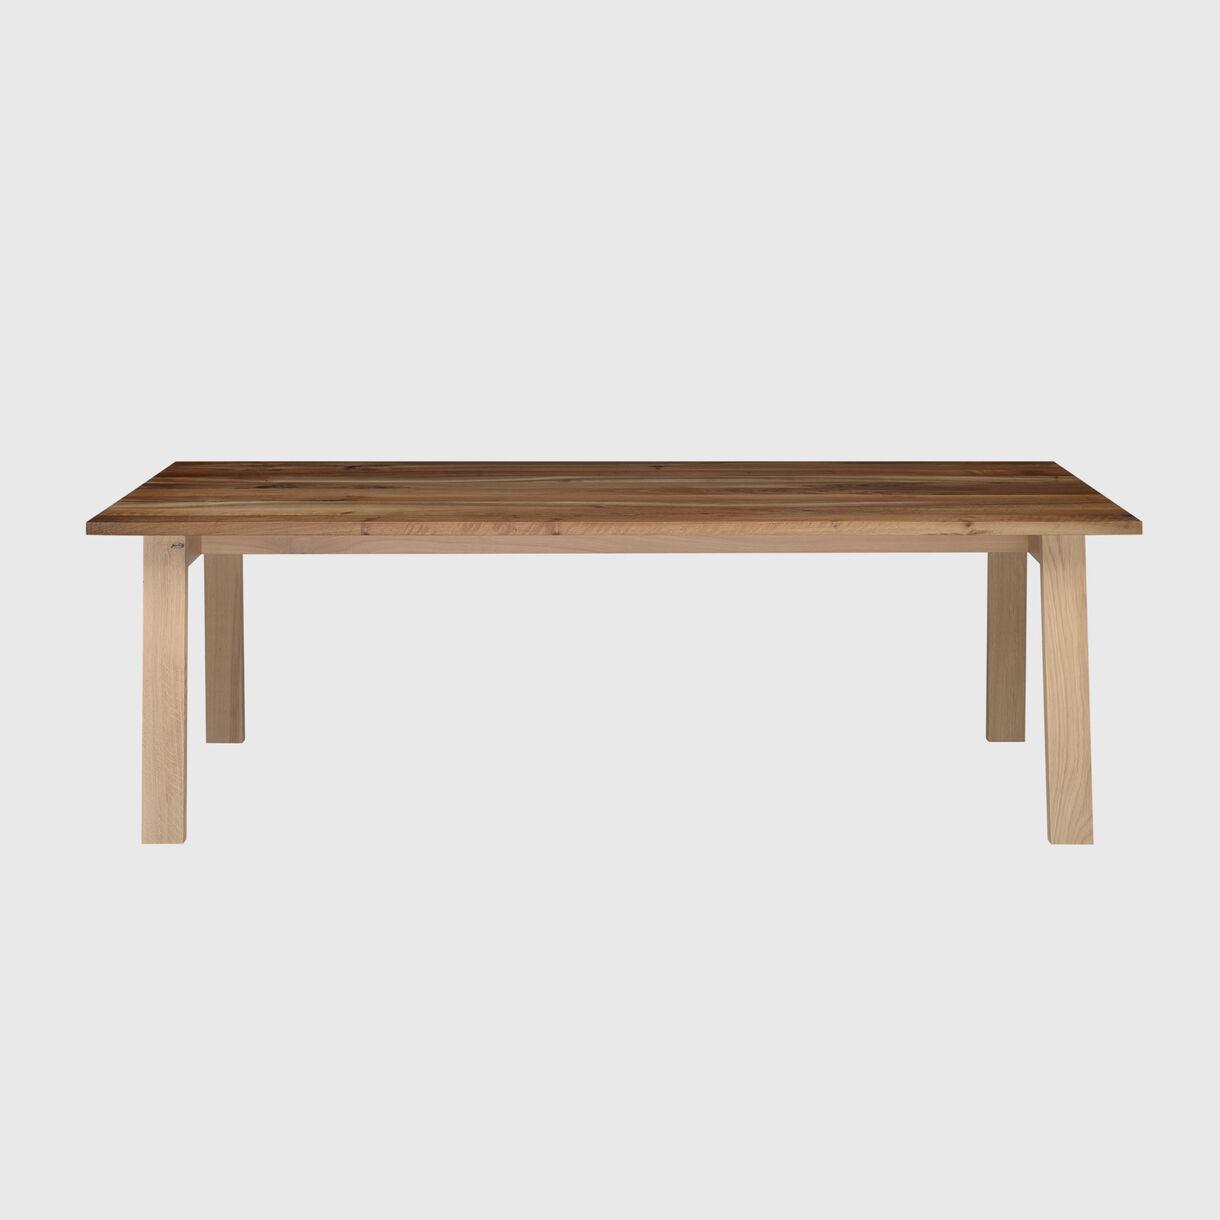 Basis Table